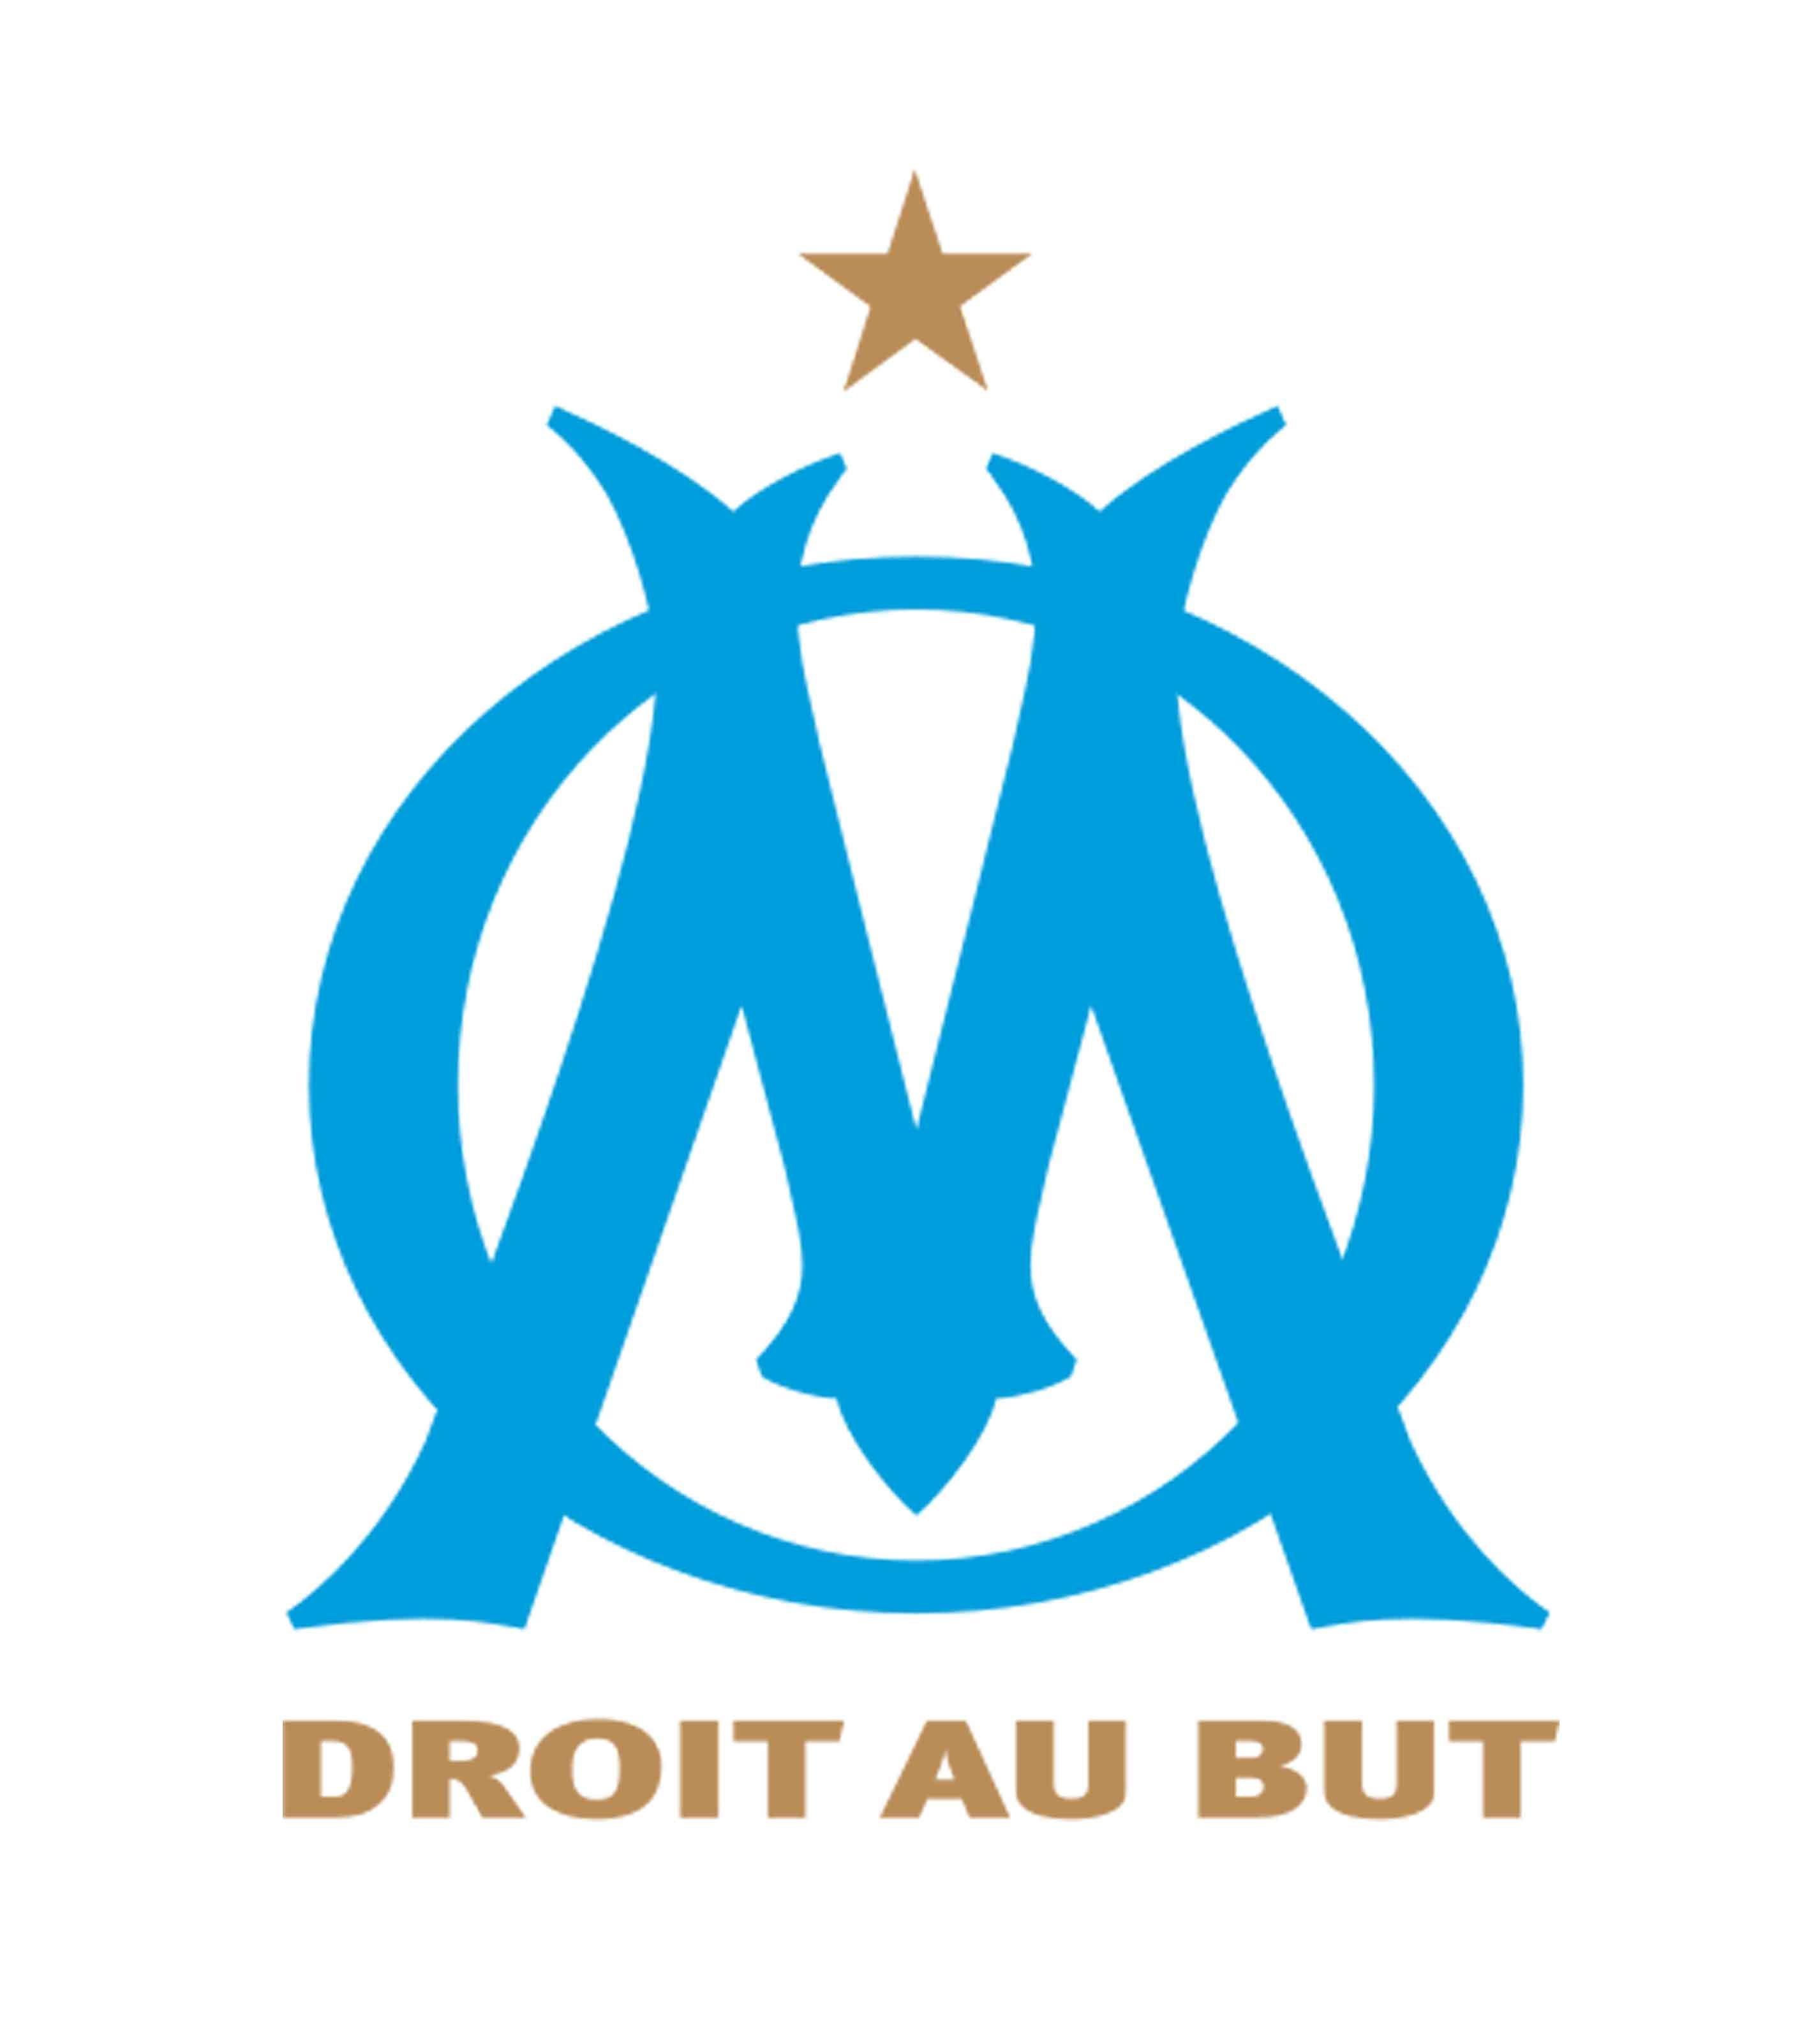 Match de football OM - Caen : 2 places plein tarif achetées en Ganay = 2 places offertes dans la même catégorie - Soit 4 places